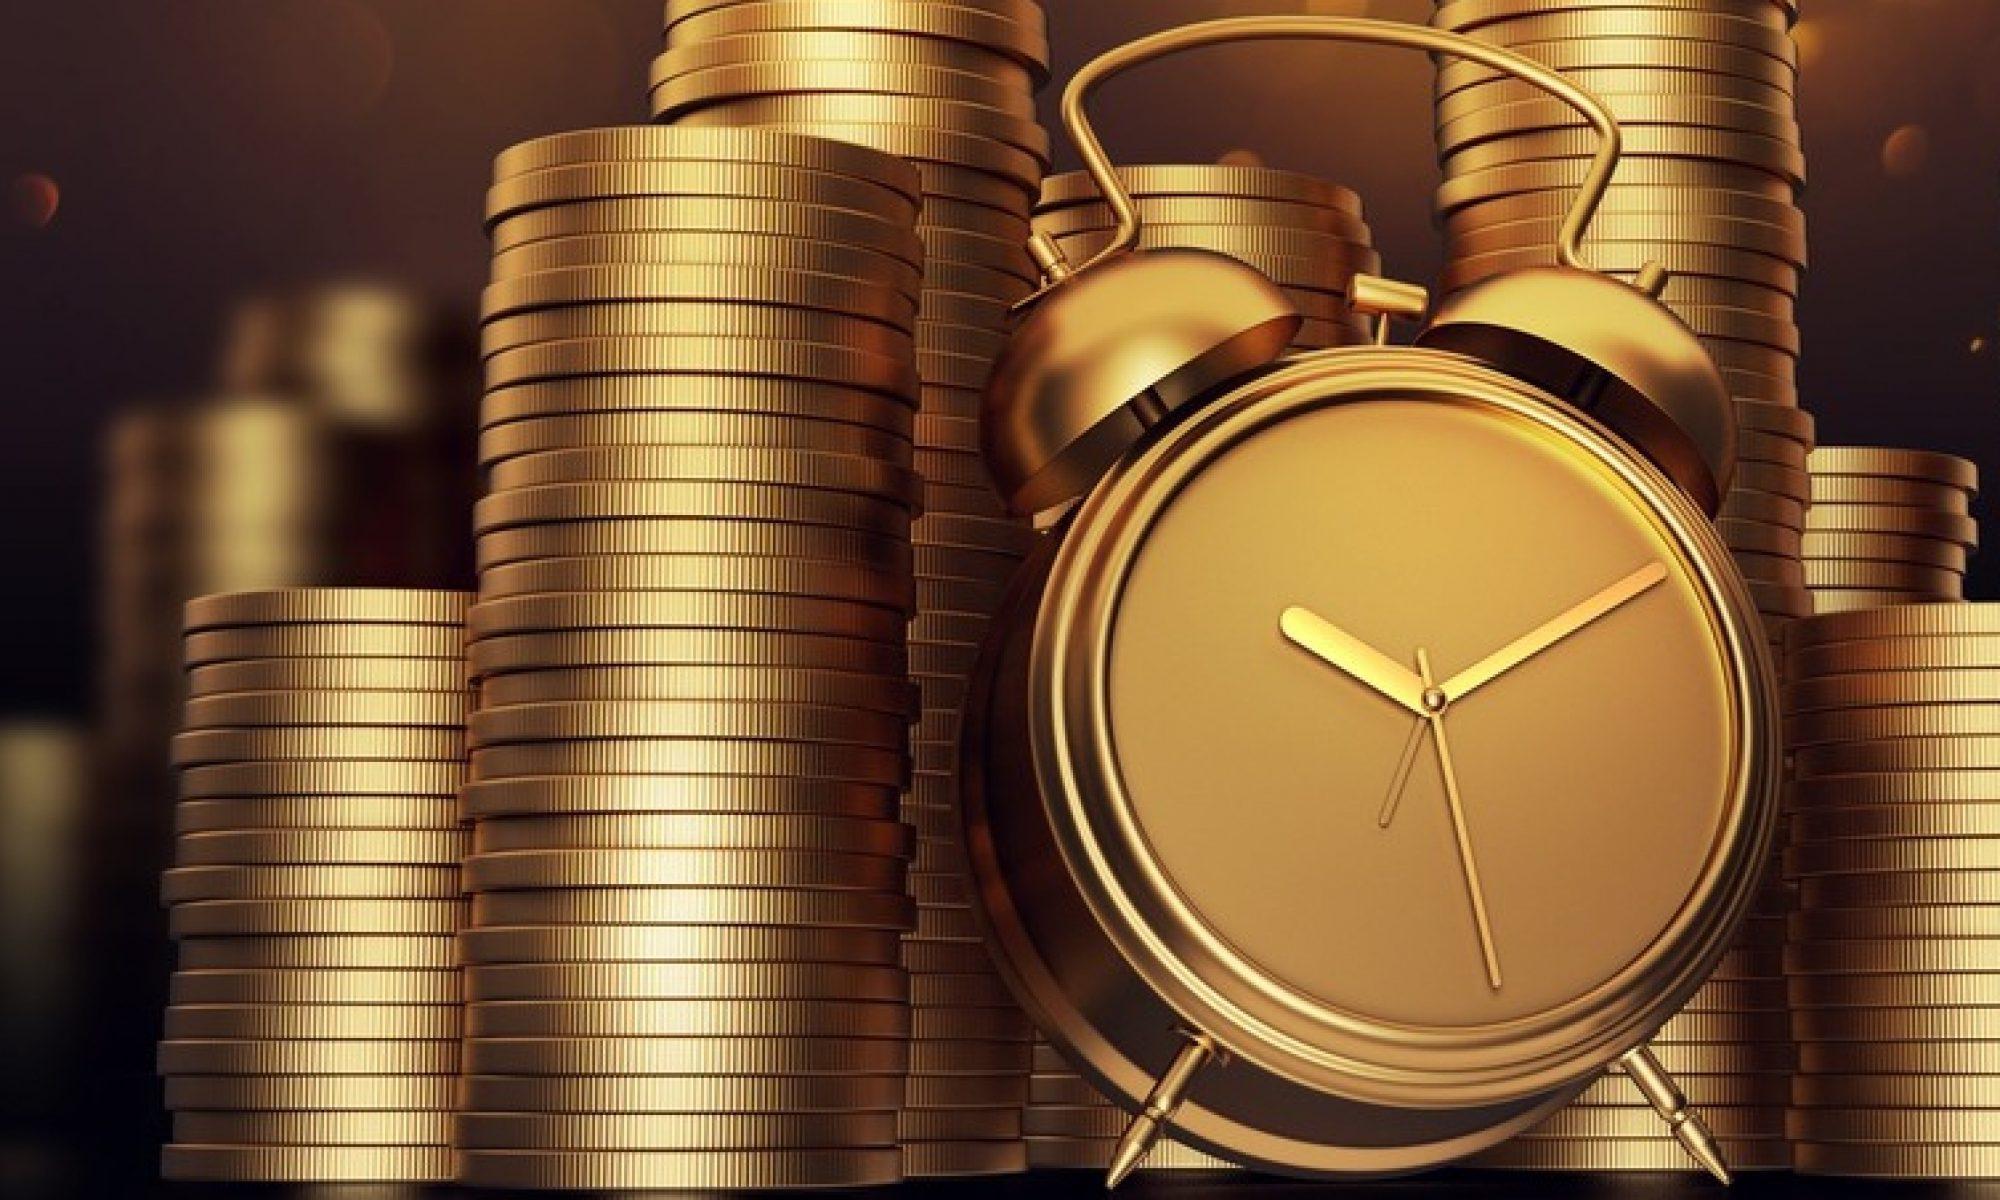 Wiedza o chwilówkach - informacje i porady